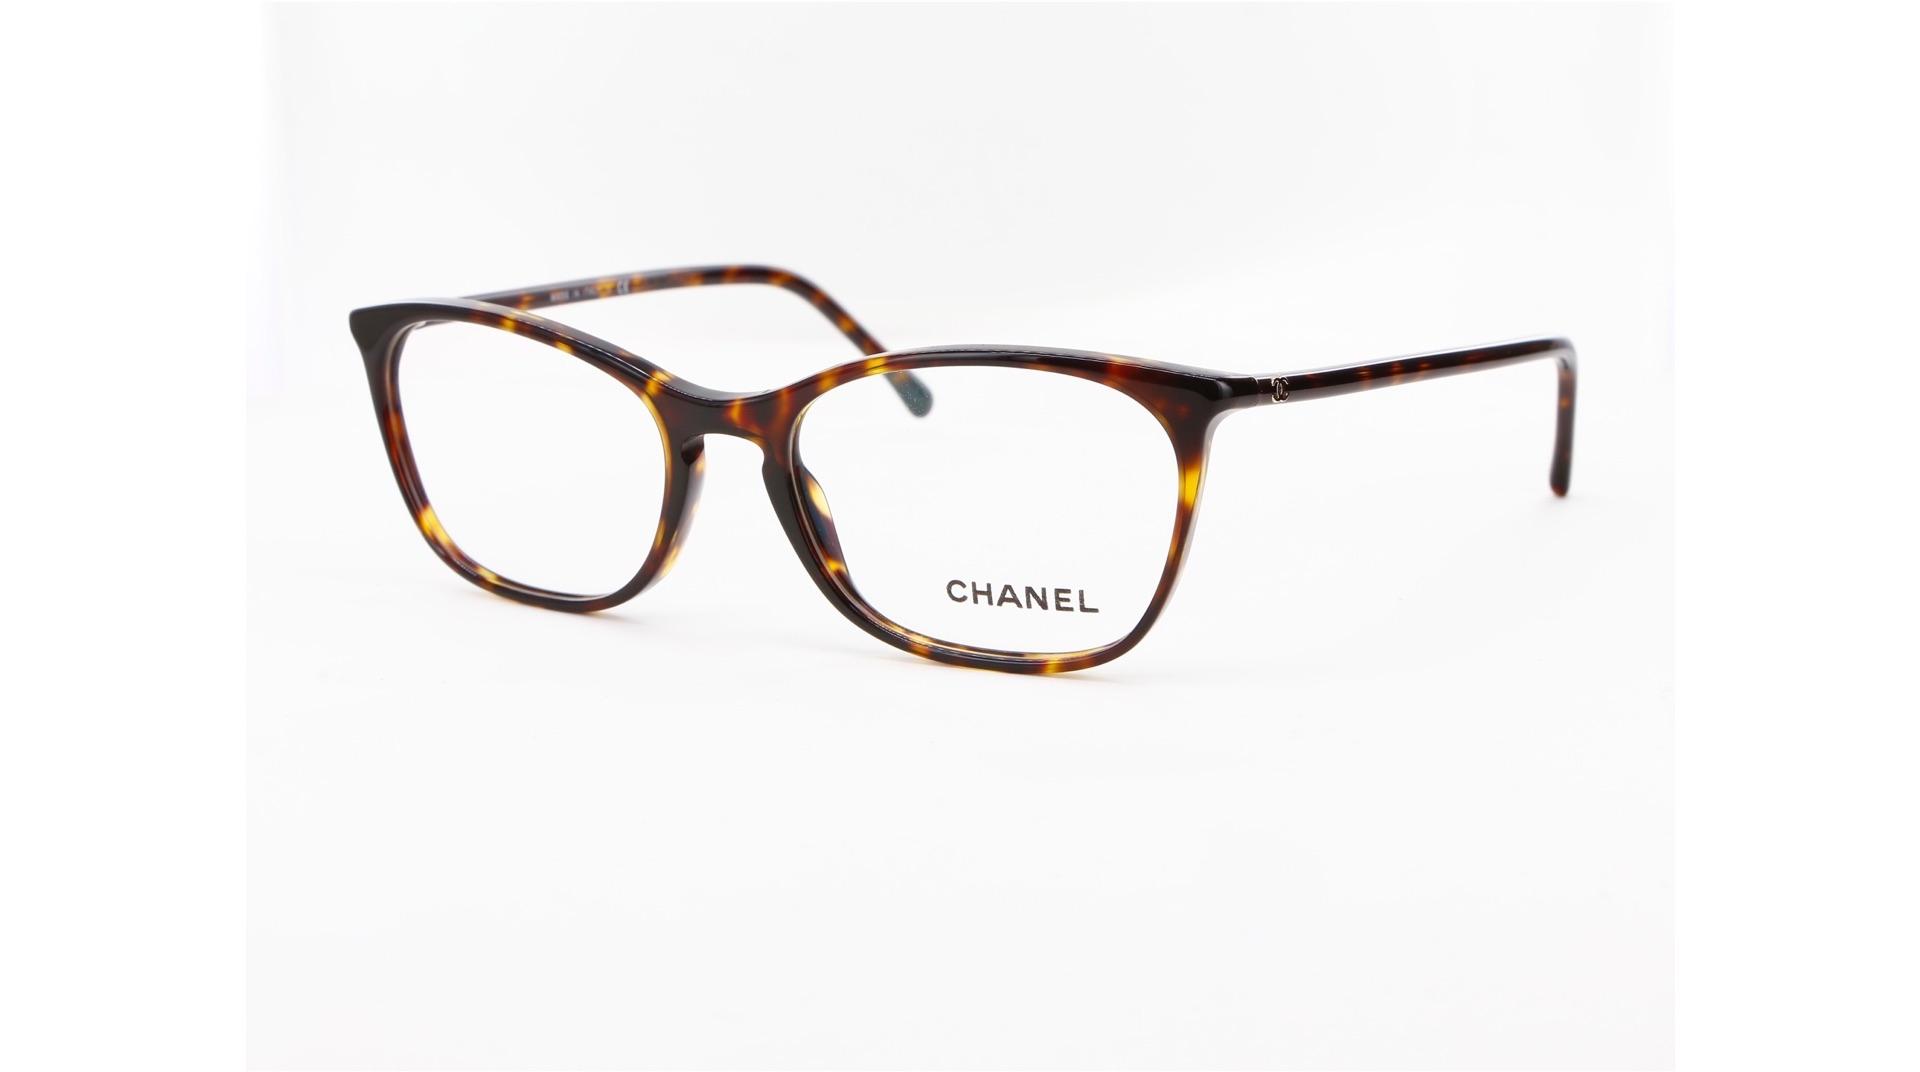 Chanel - ref: 80709